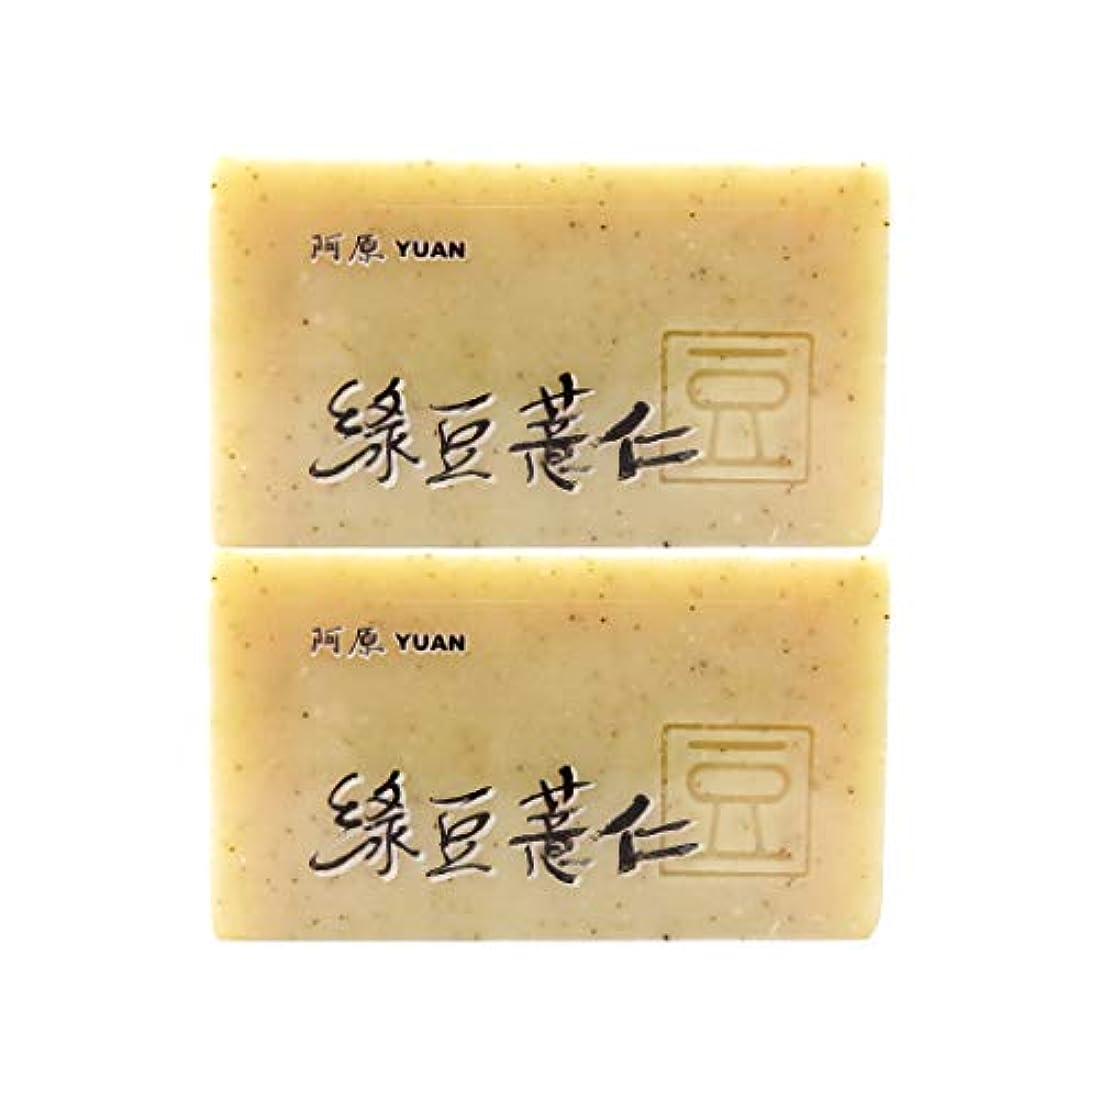 喉が渇いたスラック後悔ユアン(YUAN) ハトムギ+リョクトウソープ 100g (2個セット)